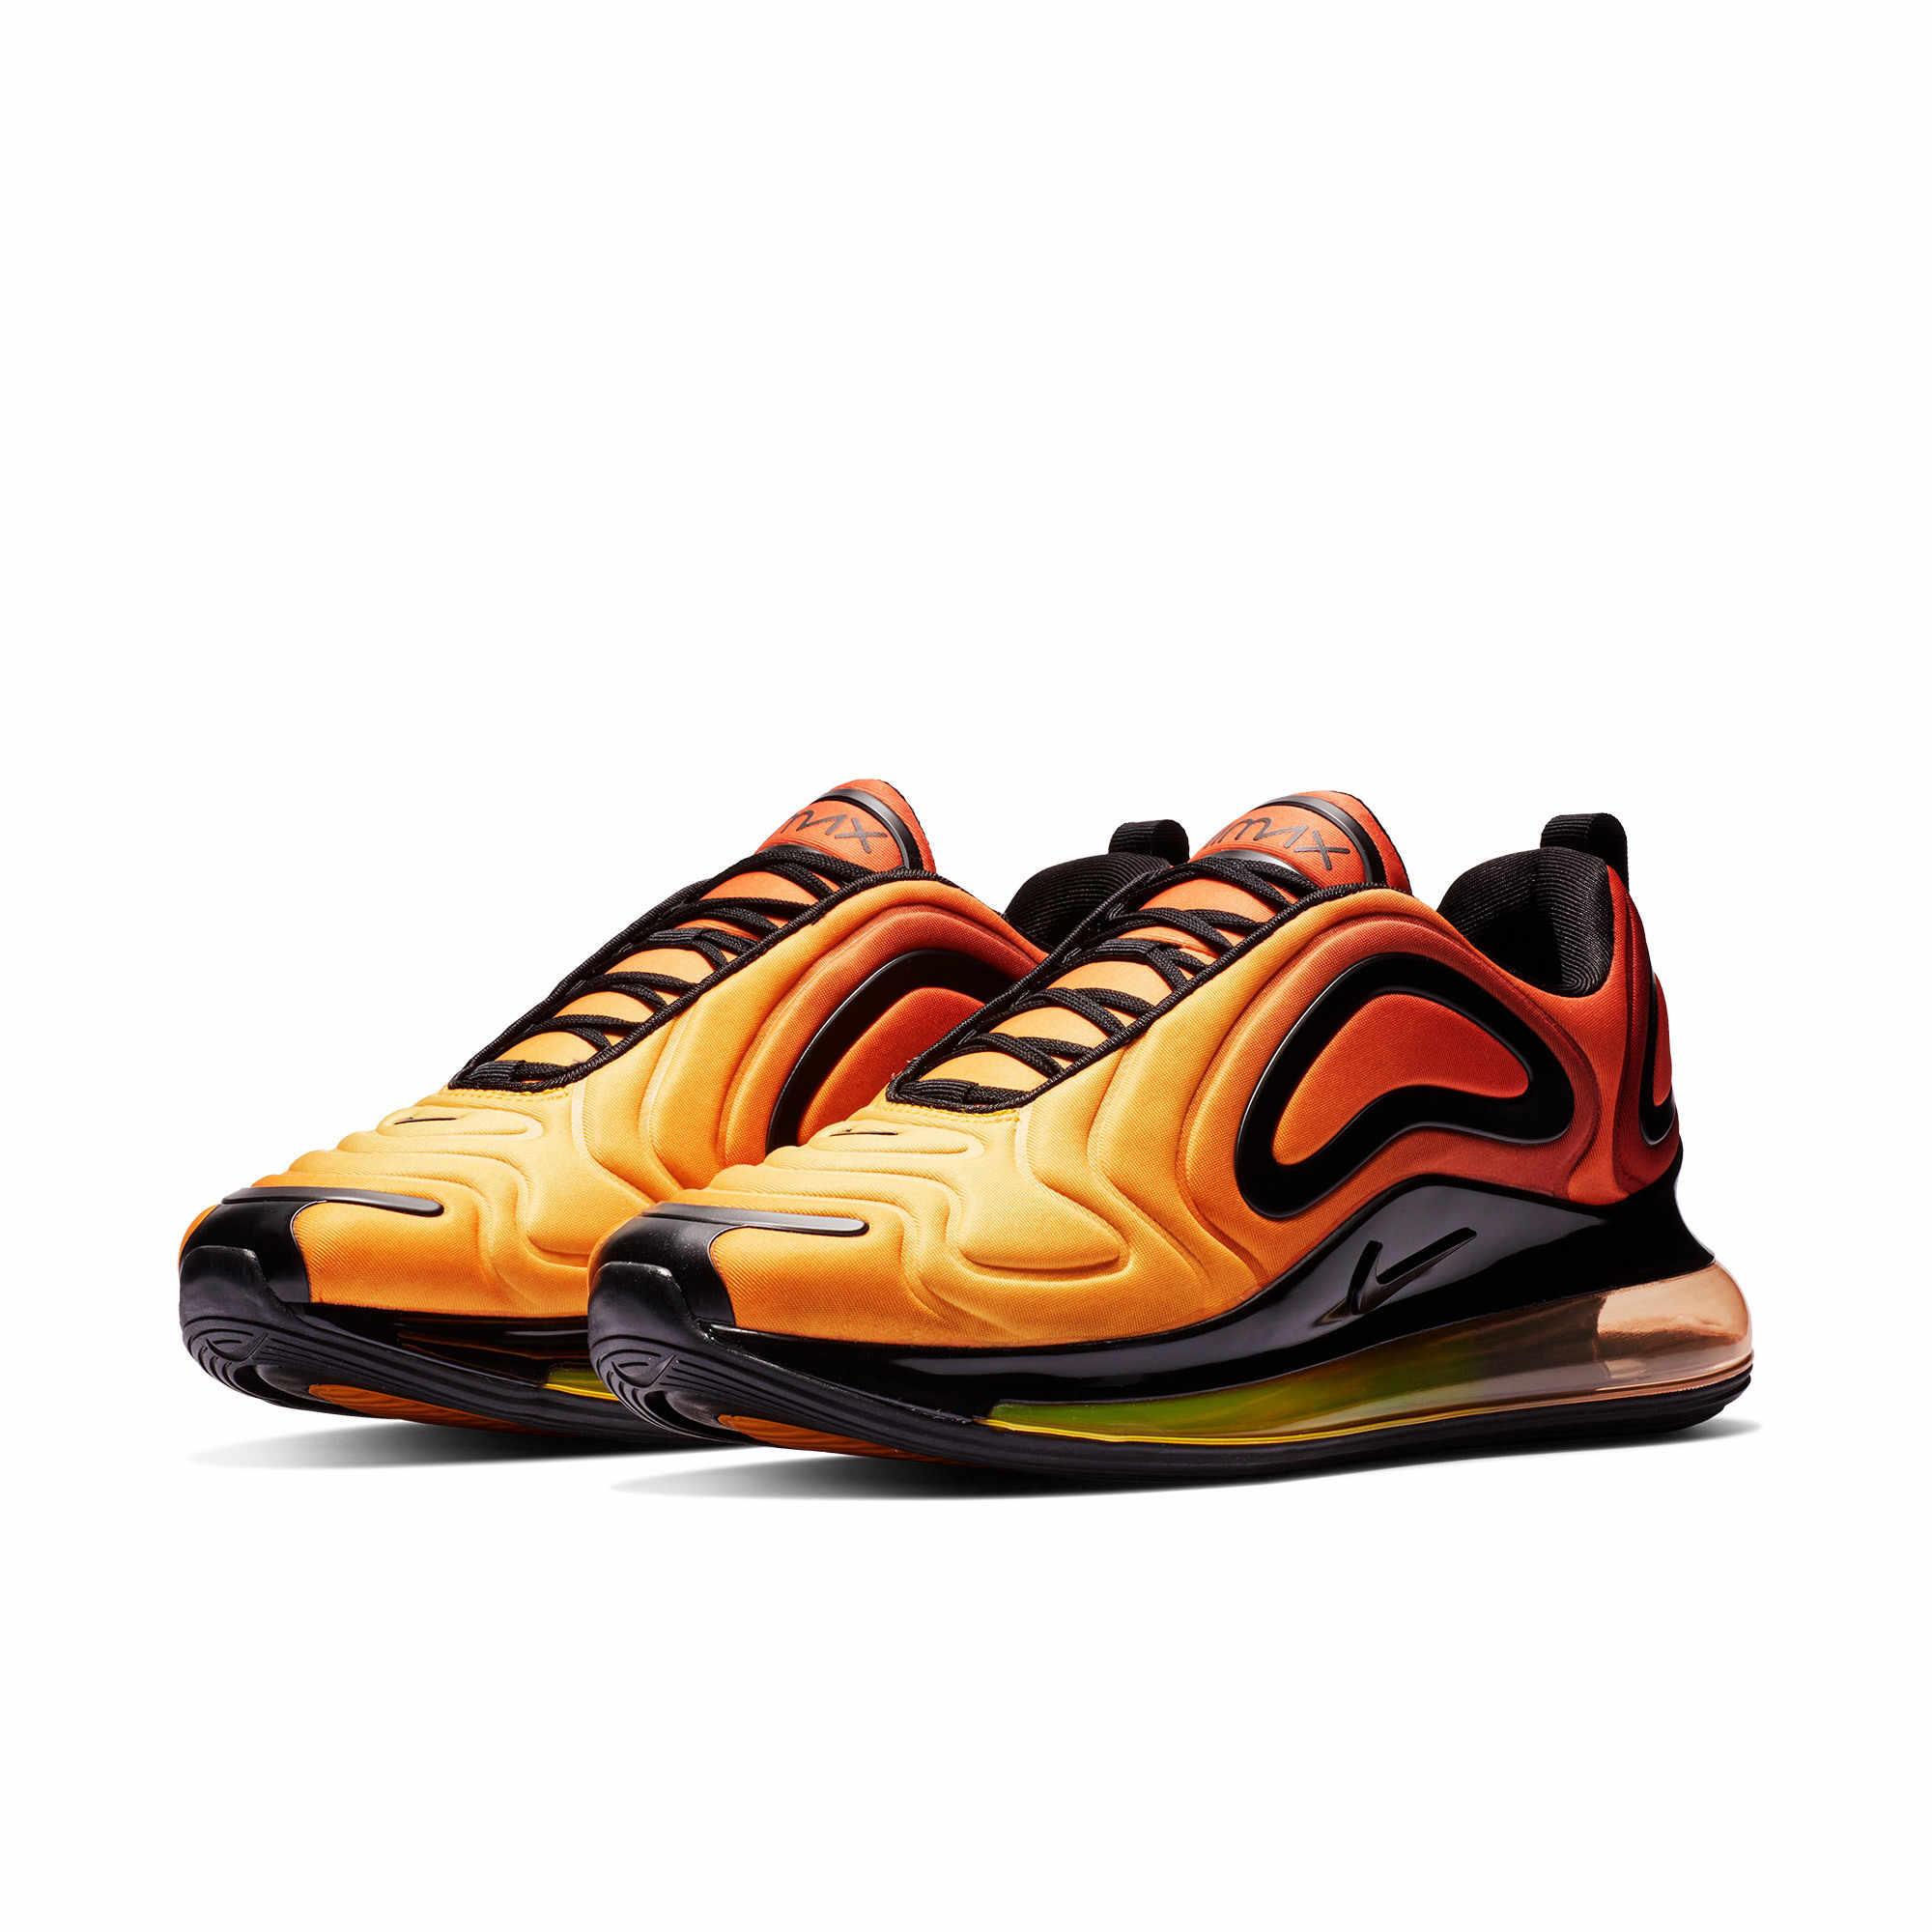 Nike Air Max 720 оригинальный Для мужчин кроссовки удобные кроссовки на воздушной подушке Новое поступление дышащие, для активного отдыха и спорта спортивная обувь # AO2924-800